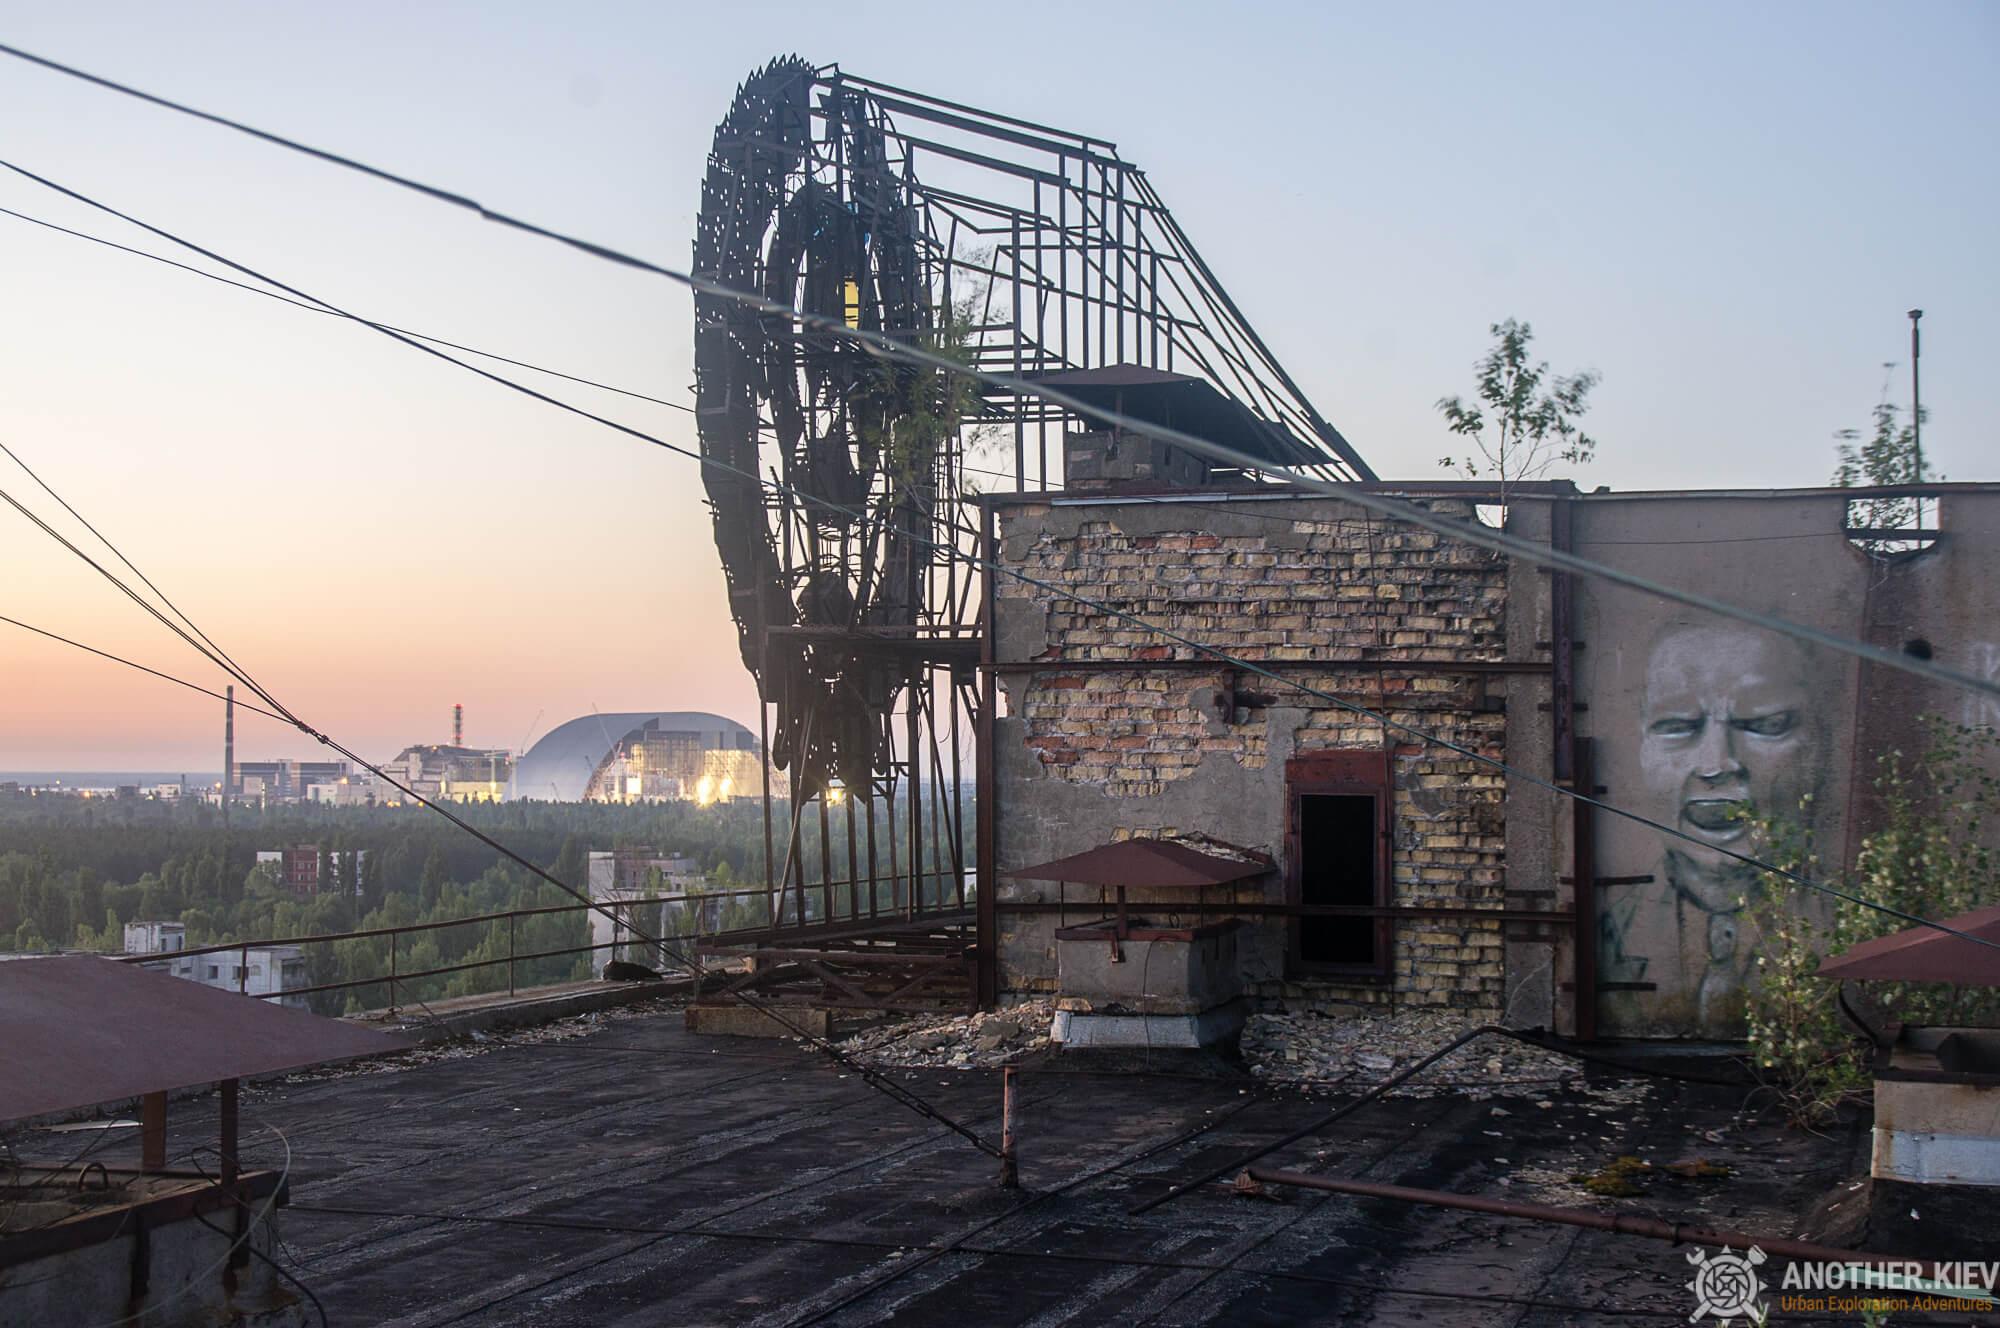 stalker-tour_IGP1218 CHERNOBYL EXPLORATION TOUR